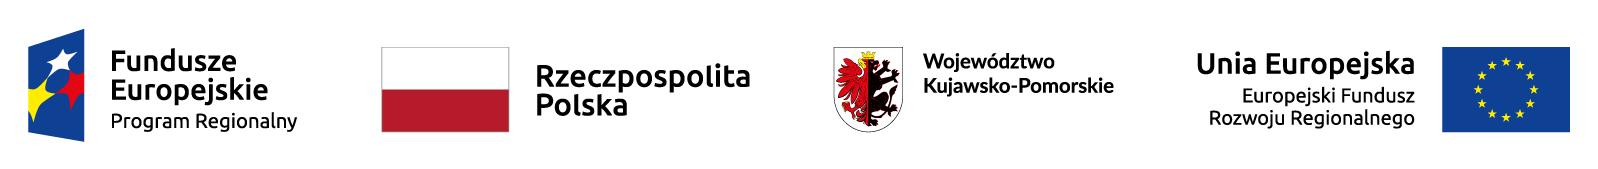 logo wojew